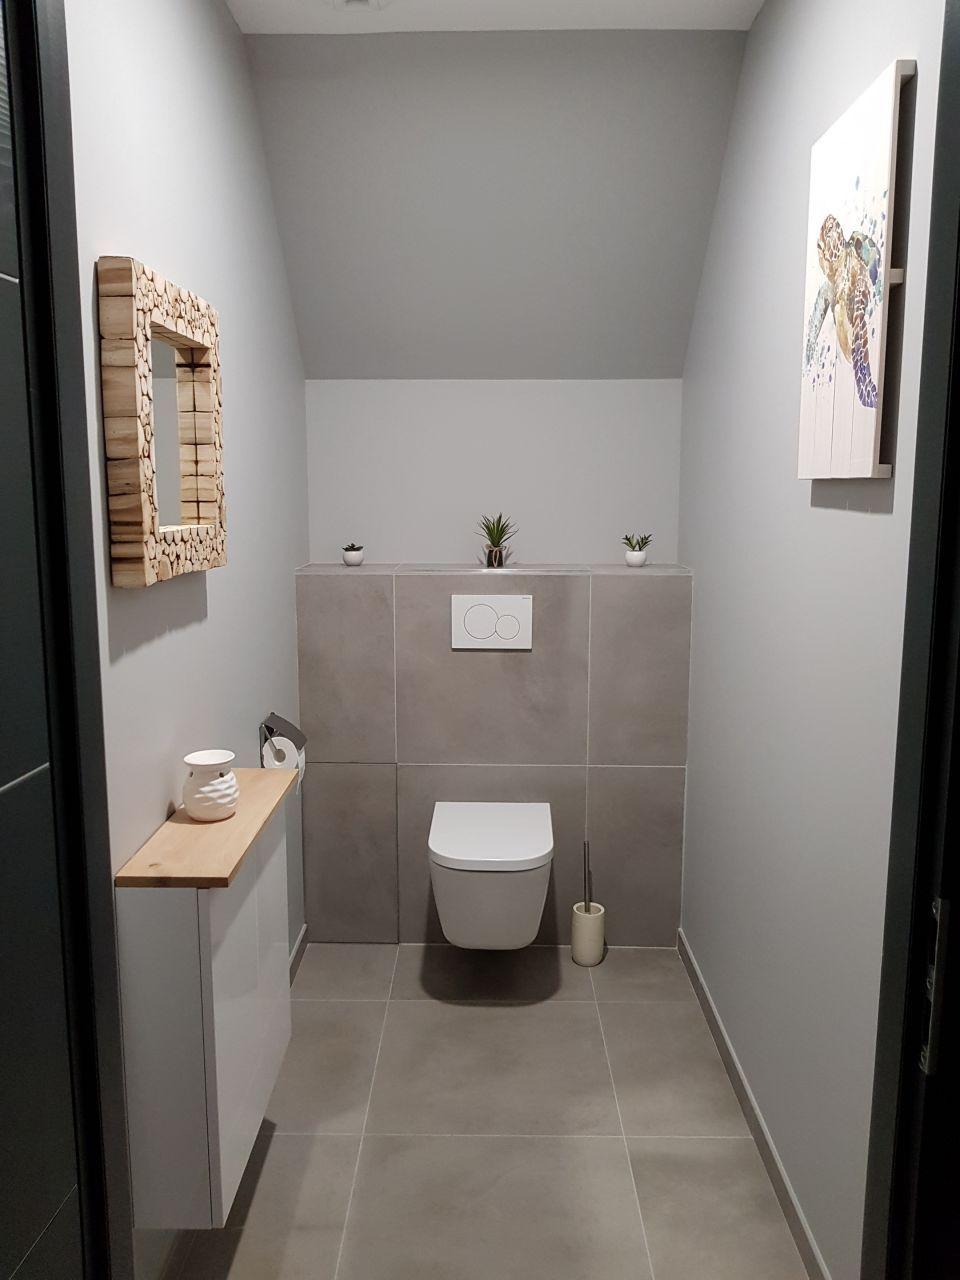 Décoration WC - Hardelot Plage (Pas De Calais - 18) - septembre